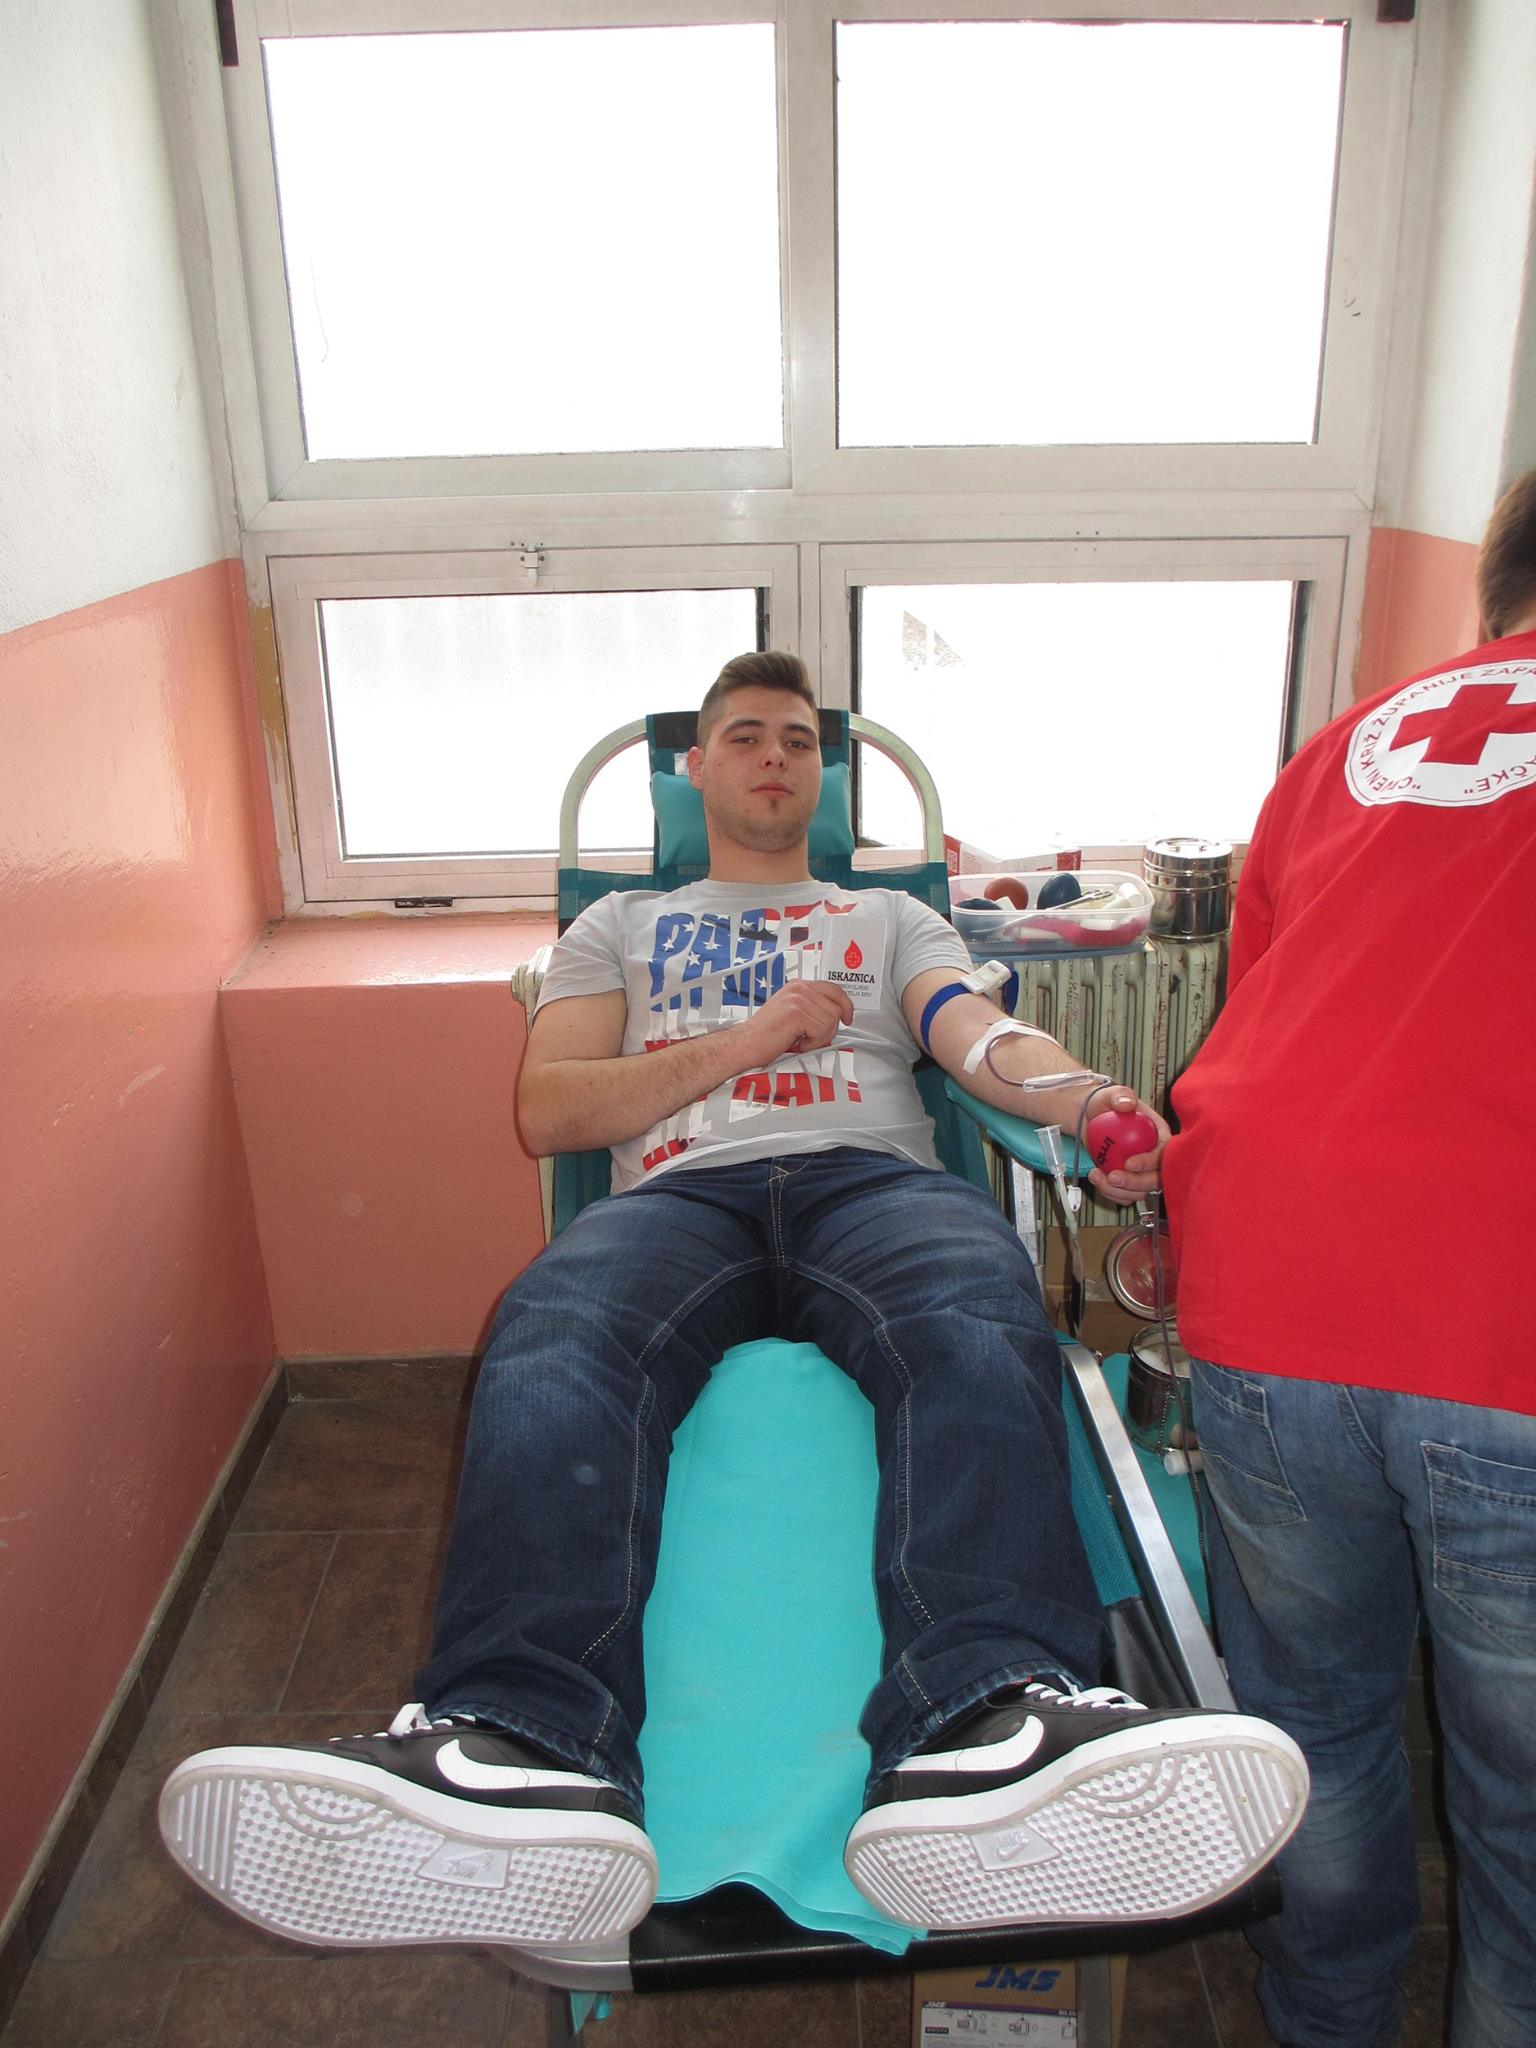 darivanje krvi 3